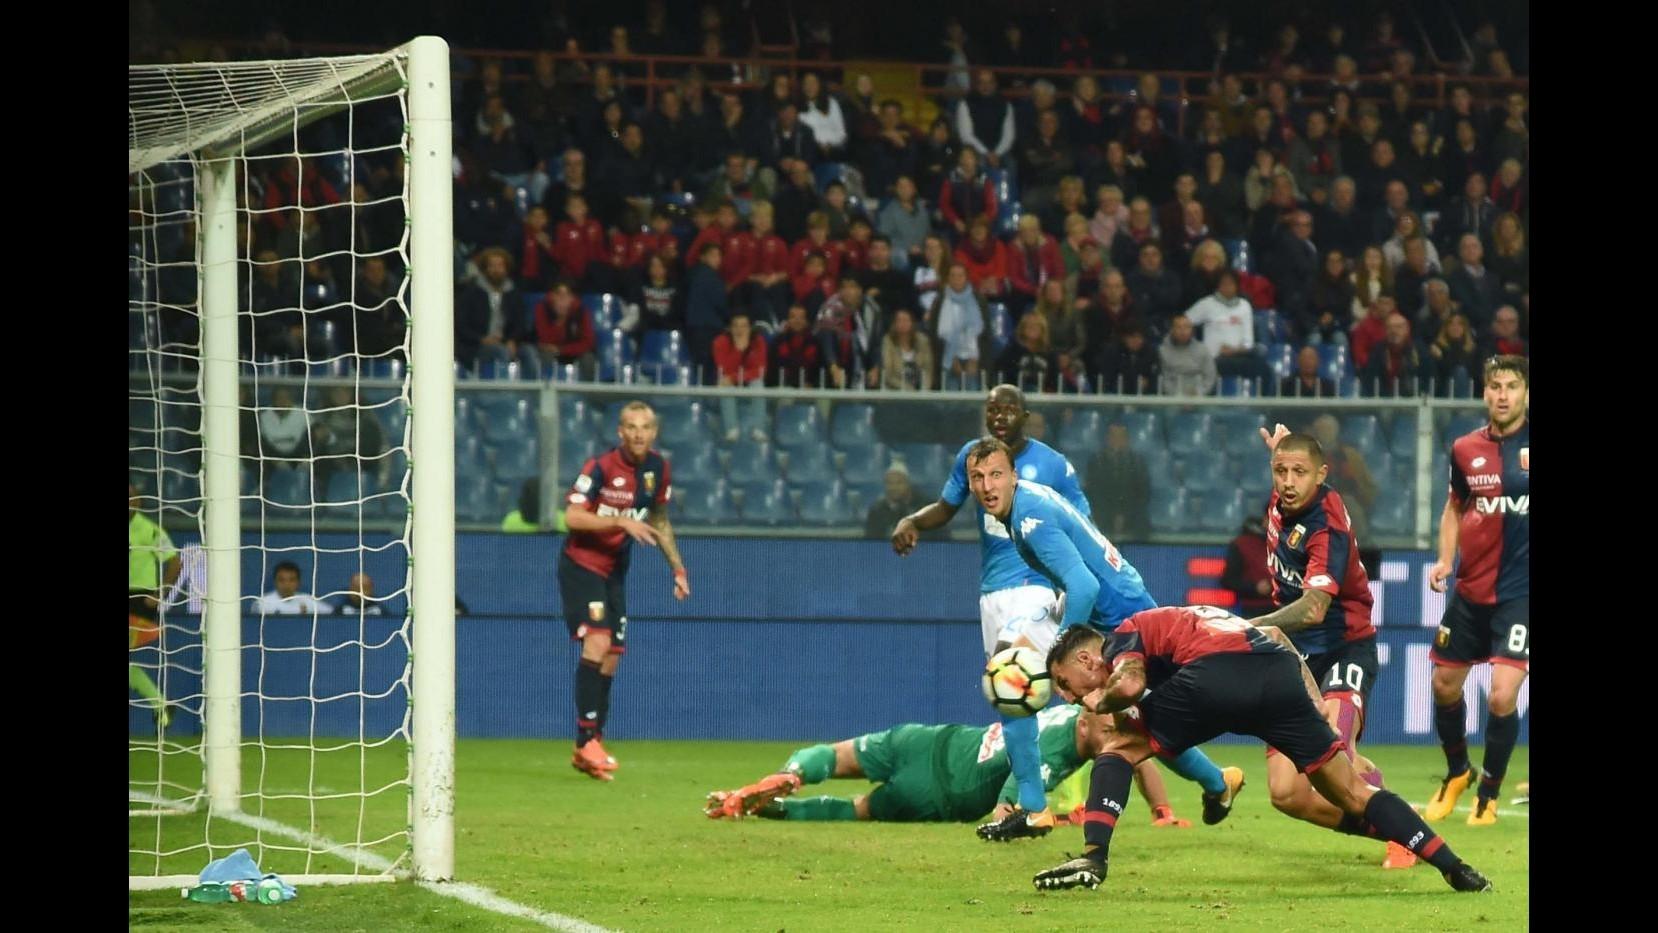 Serie A, Genoa – Napoli 2-3 – IL FOTORACCONTO